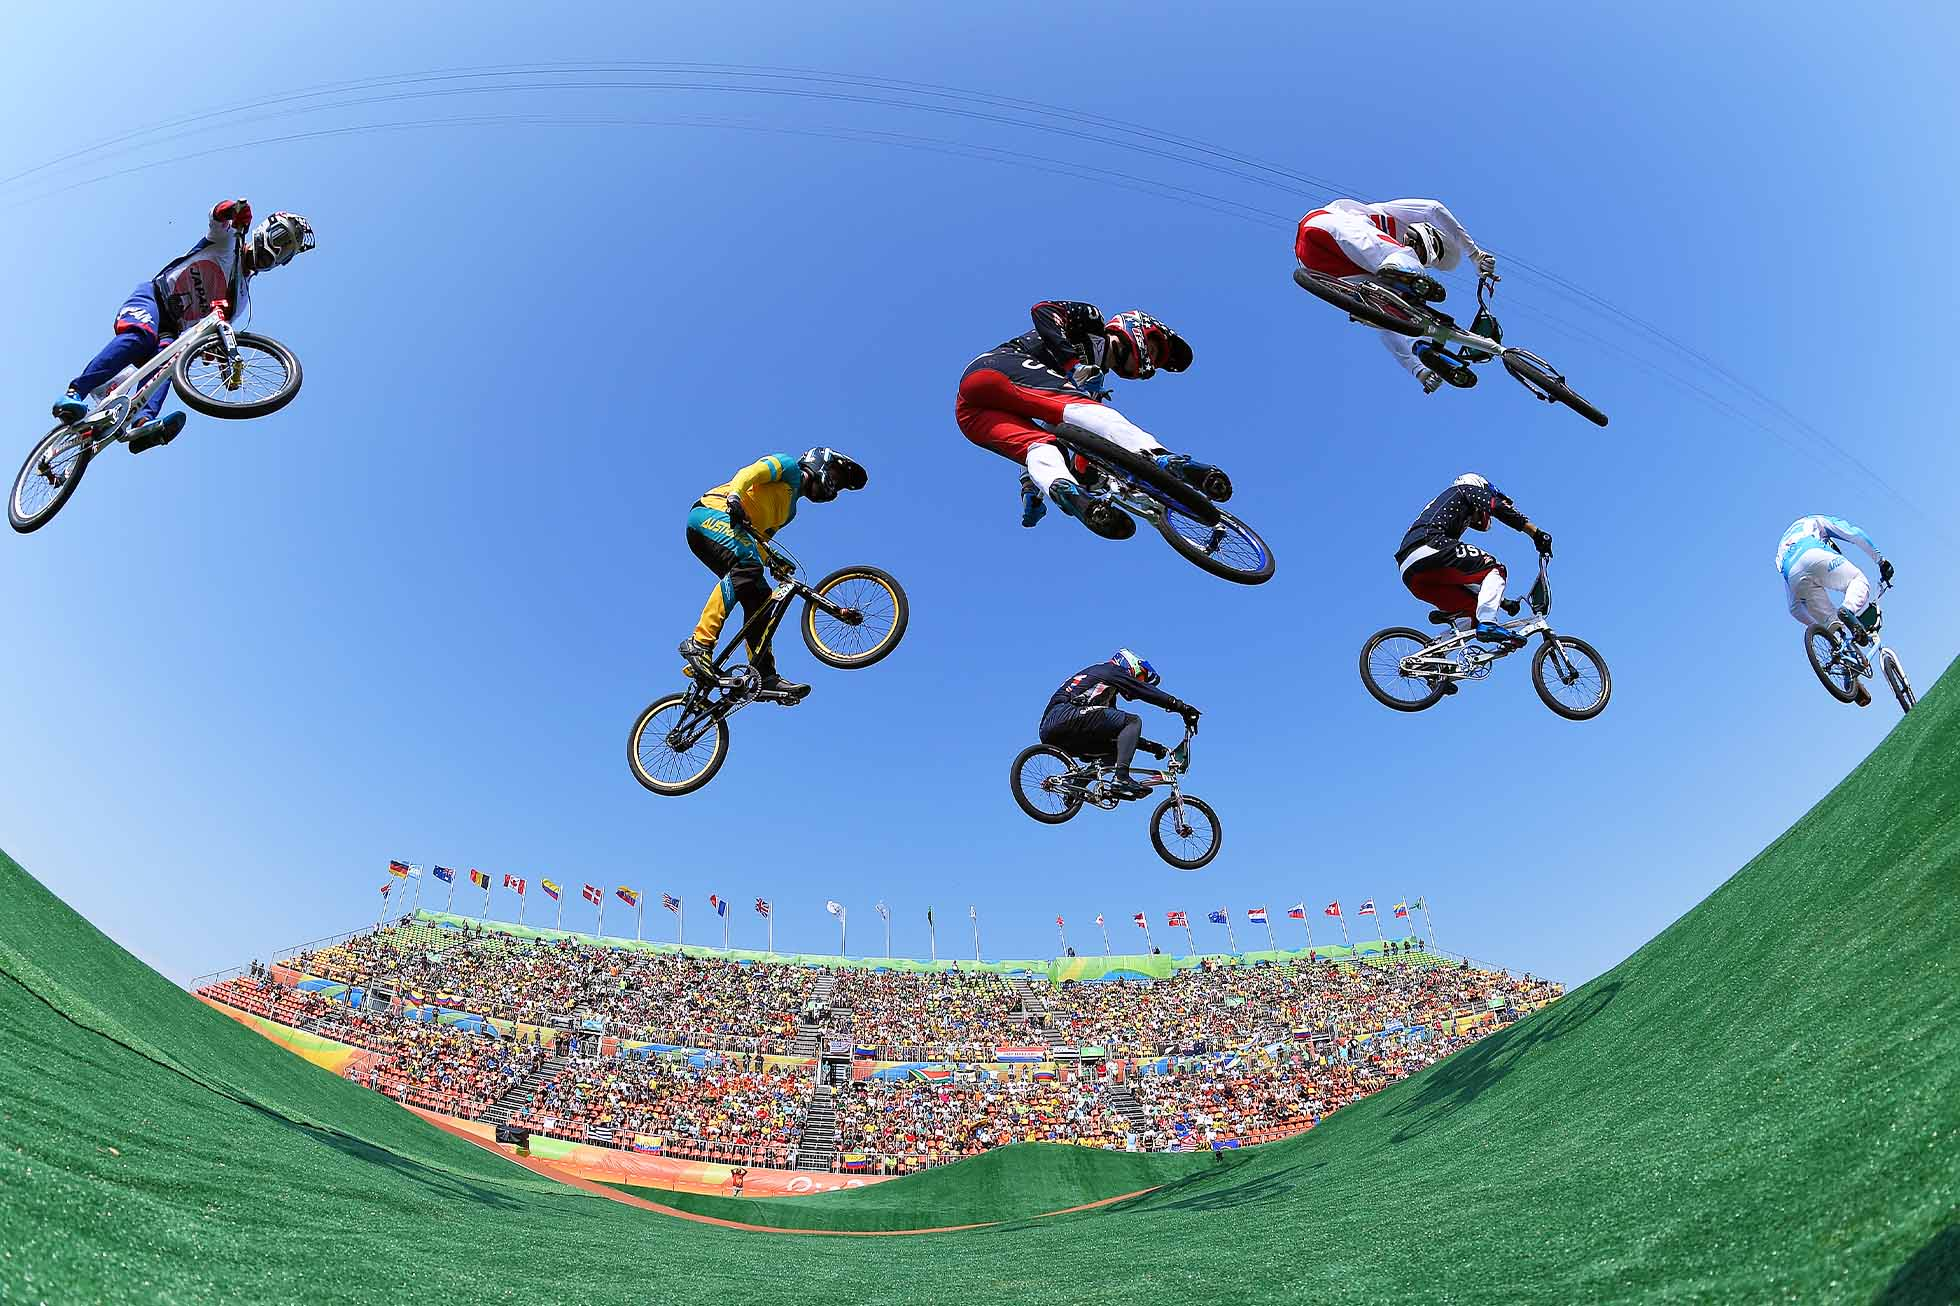 Cycling: 31st Rio 2016 Olympics / BMX Cycling: Men Quarterfinals